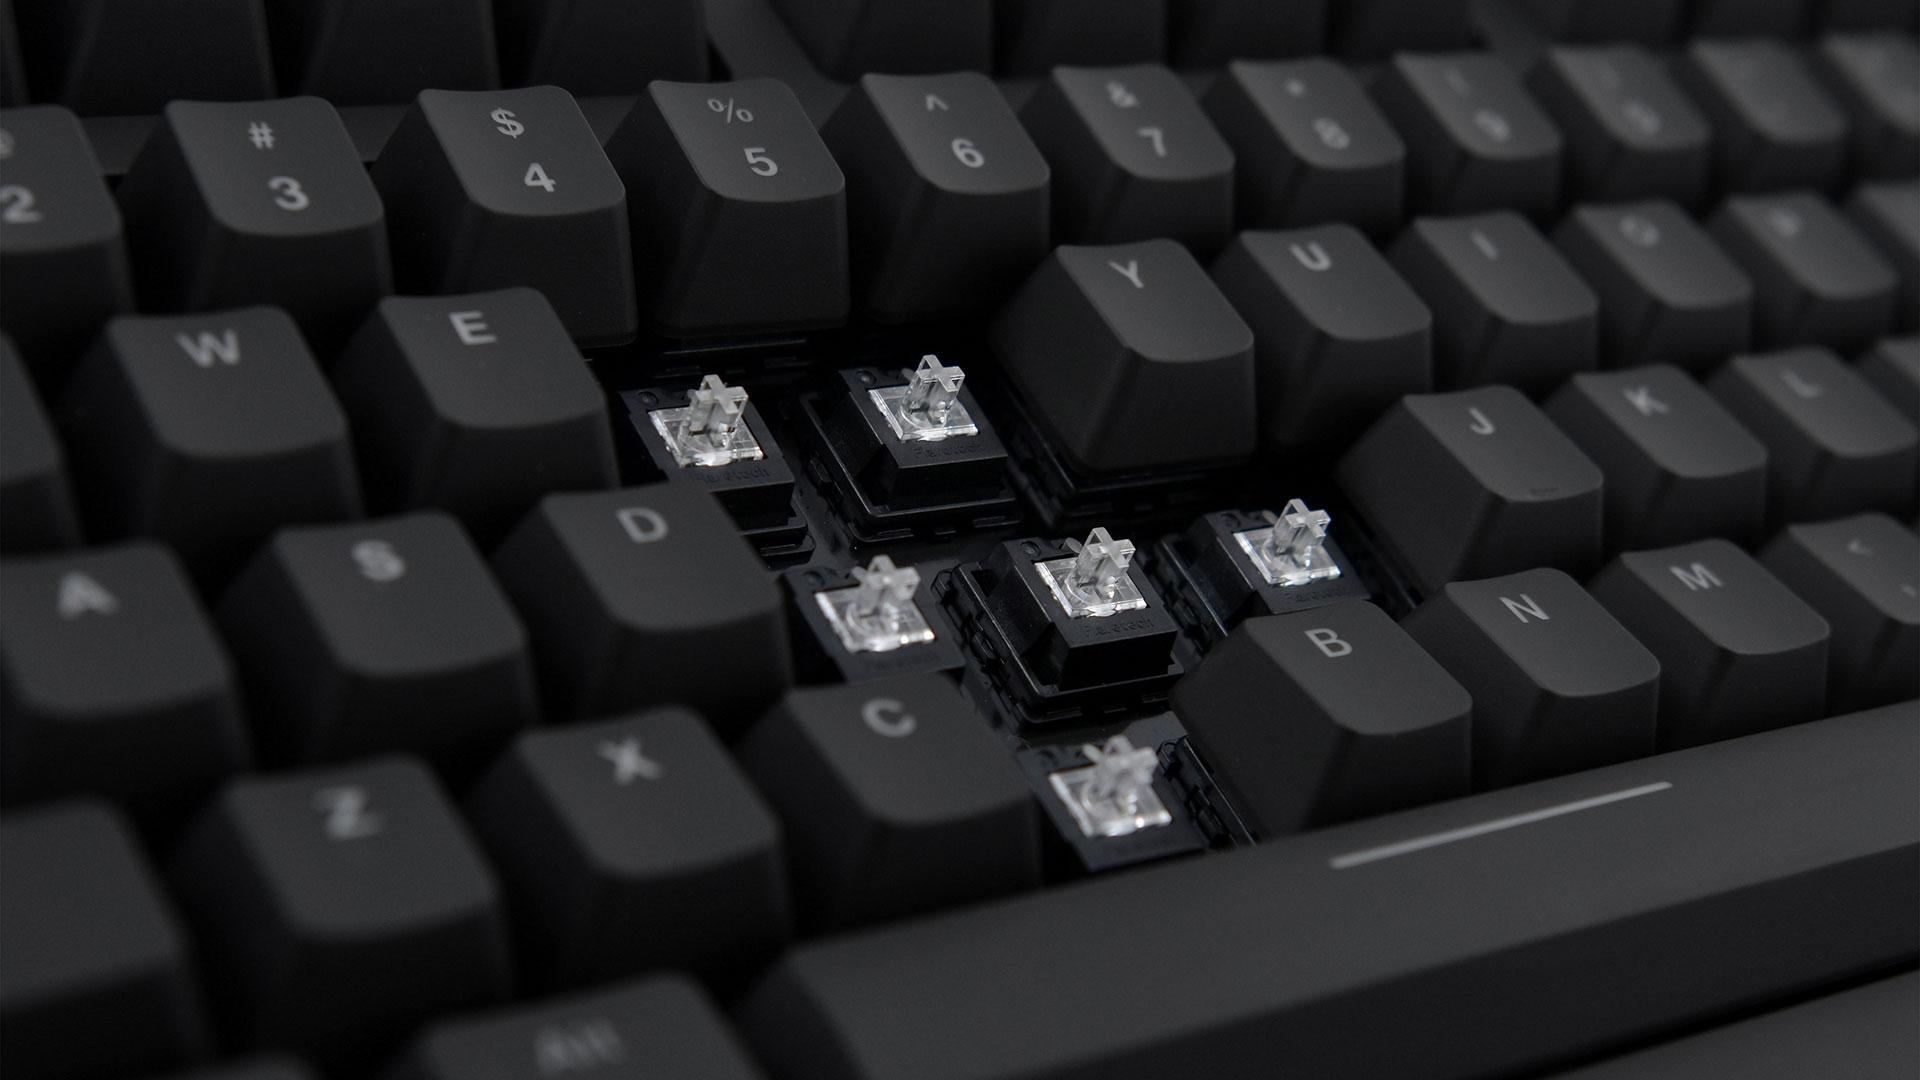 ZOWIE by BenQ Celeritas II klávesnice, která tě nenechá ve štychu 148476